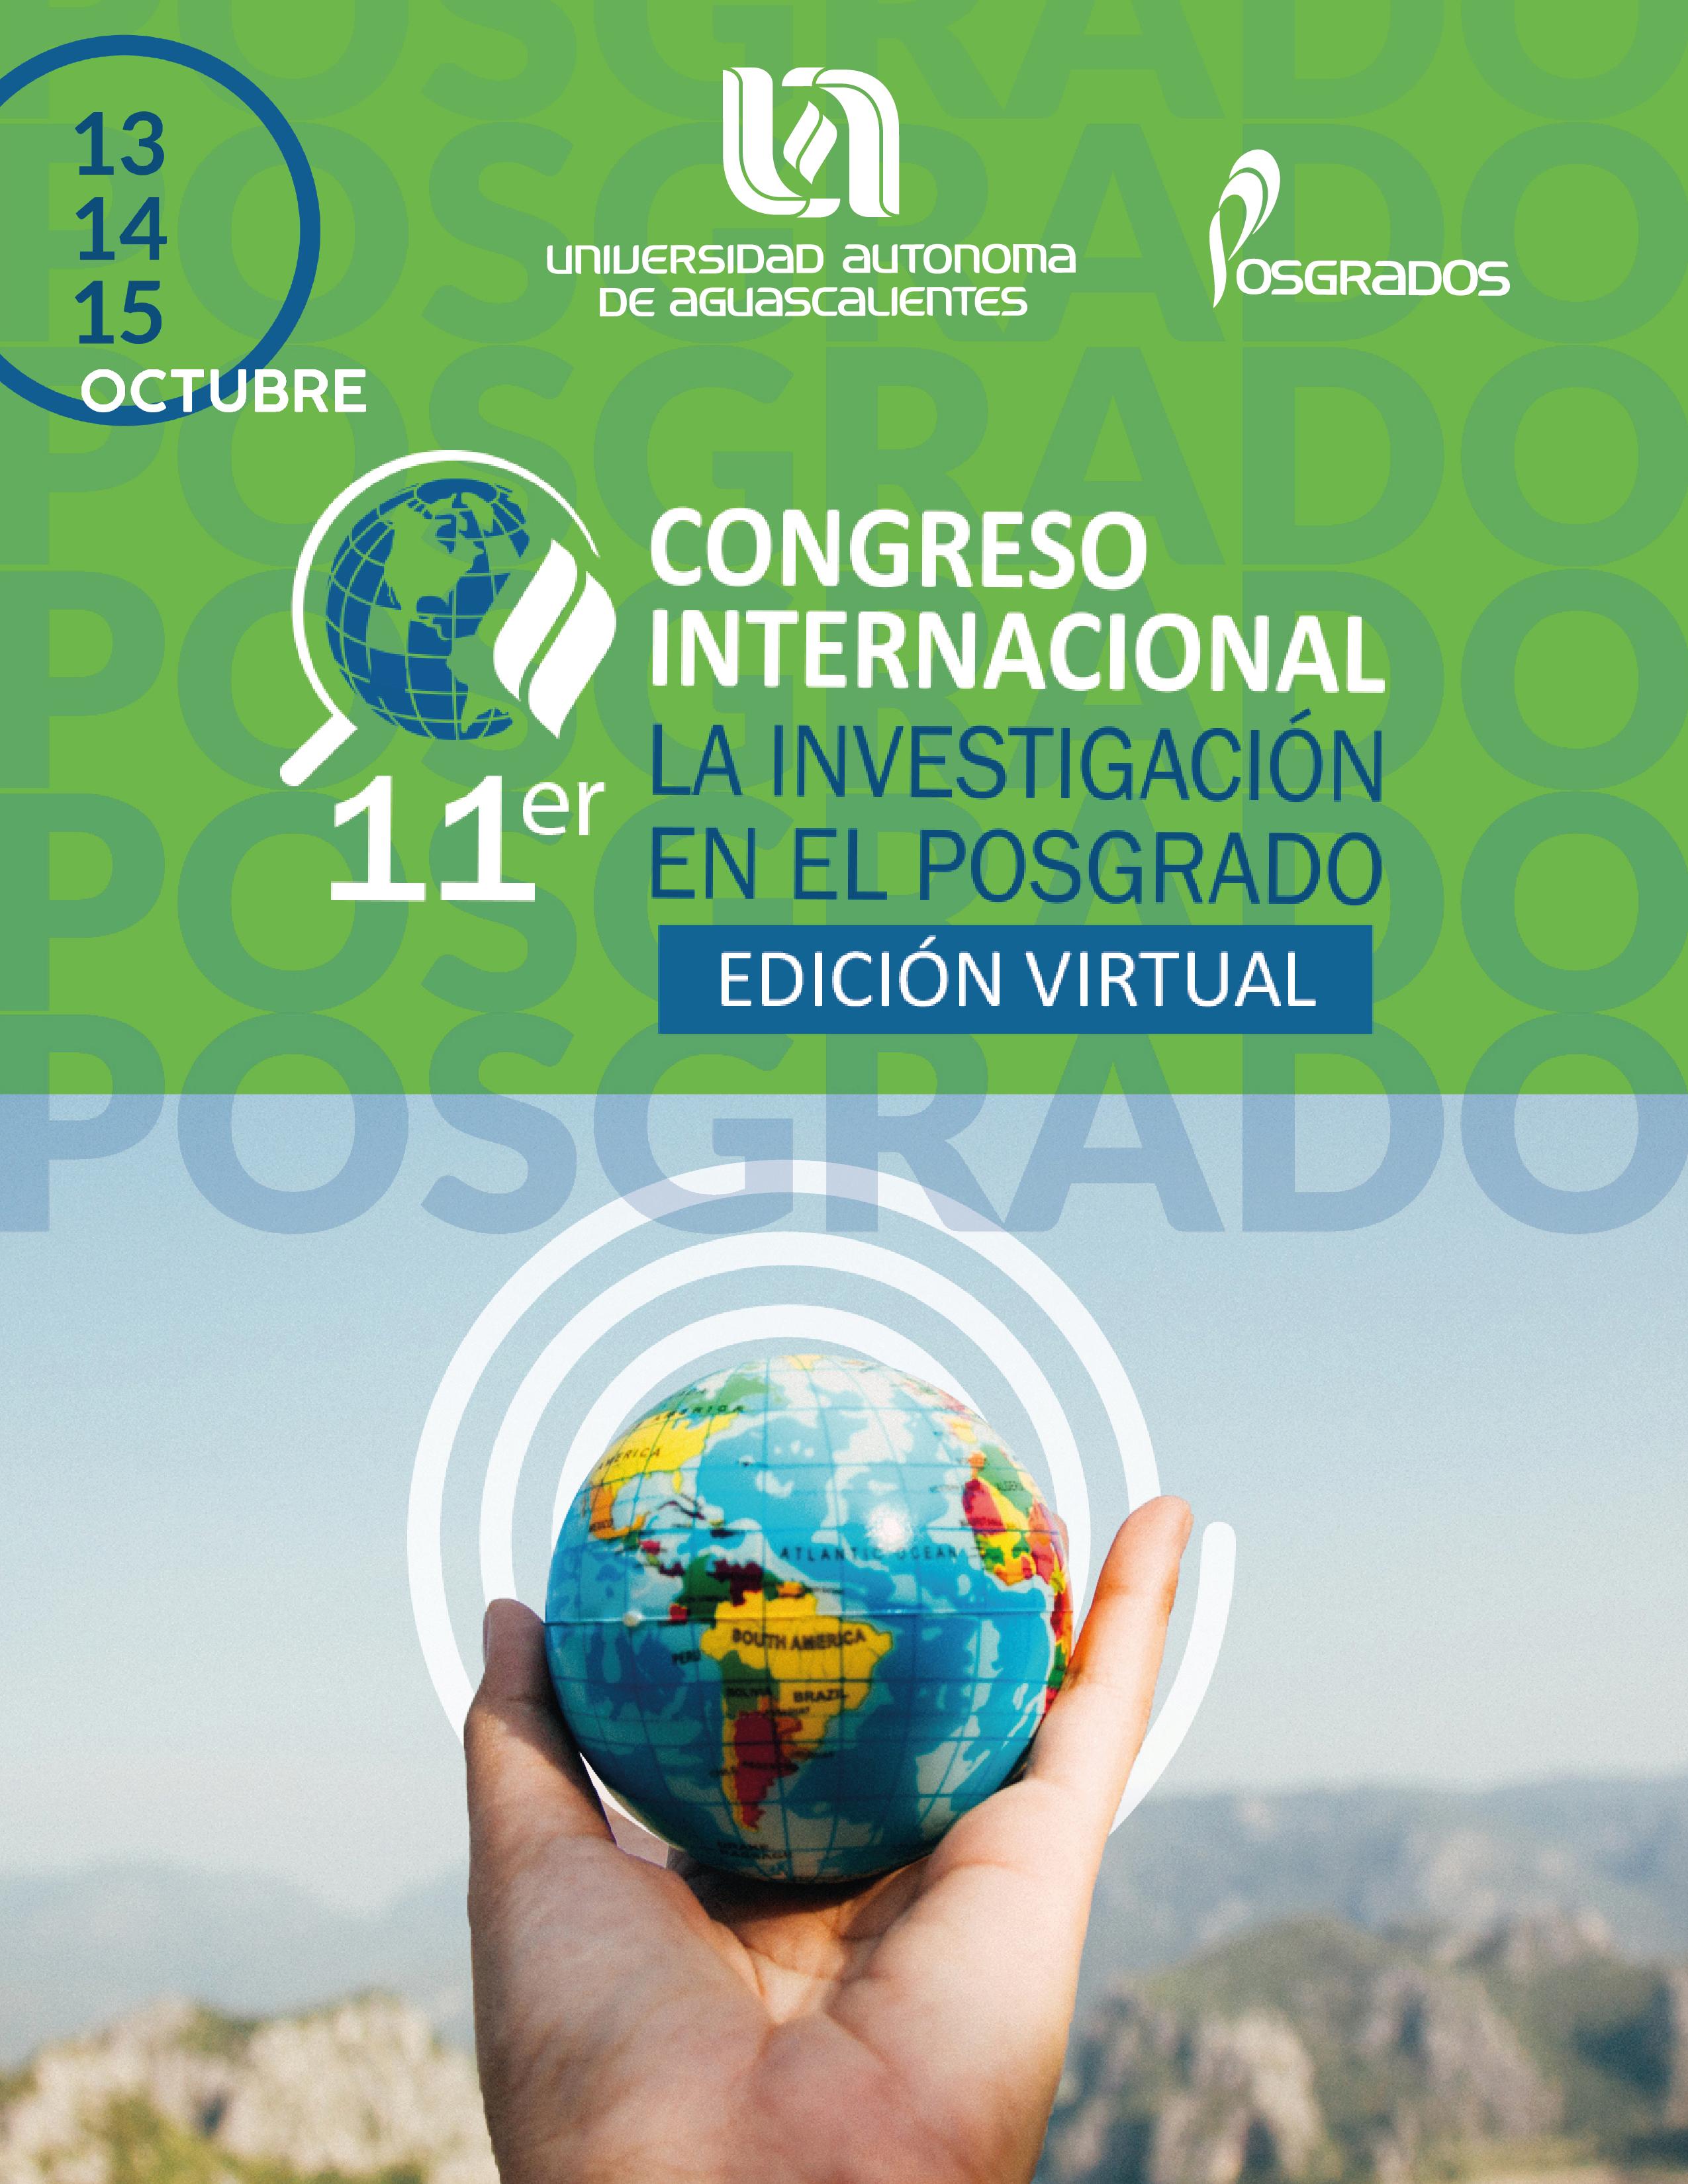 Congreso Internacional La Investigación en el Posgrado